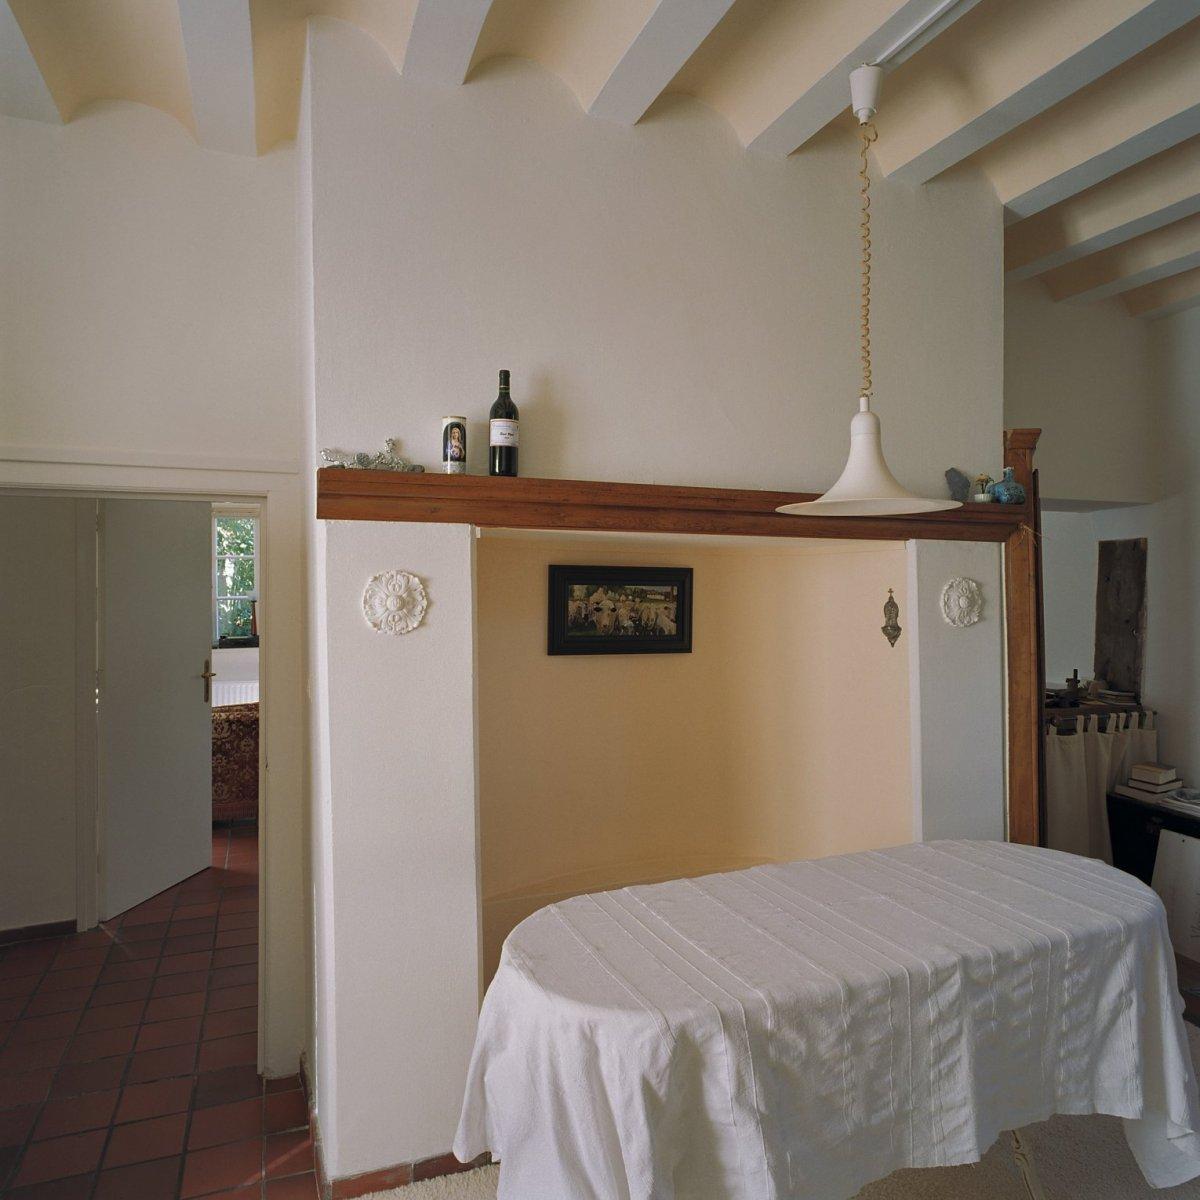 File interieur overzicht woonkamer met balken plafond for Interieur woonkamer